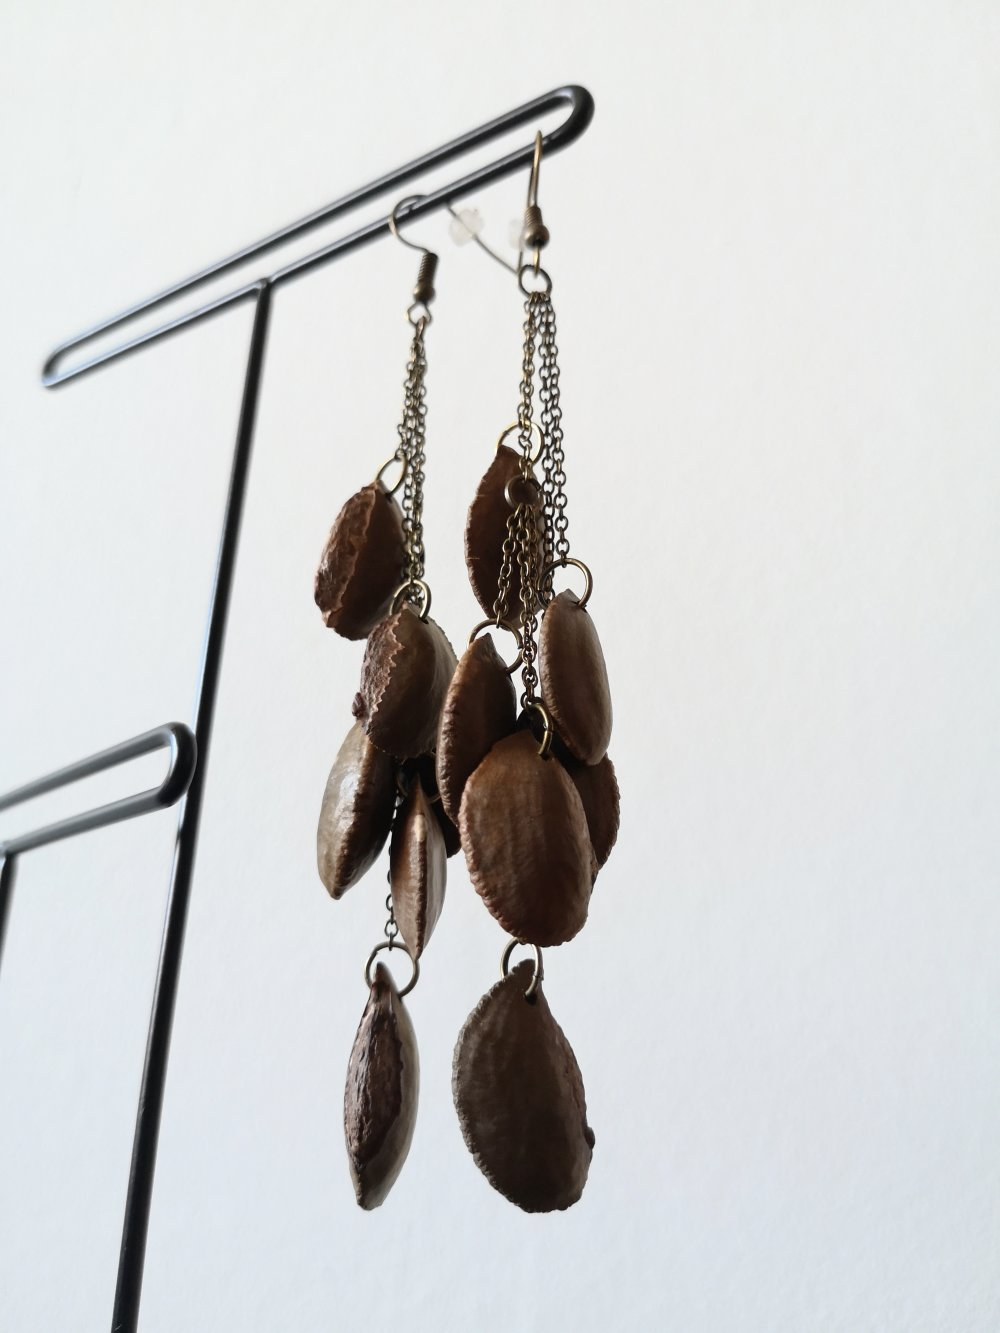 Longues boucles d'oreilles noyaux de pomme de lait/caïmite et chaînes bronze